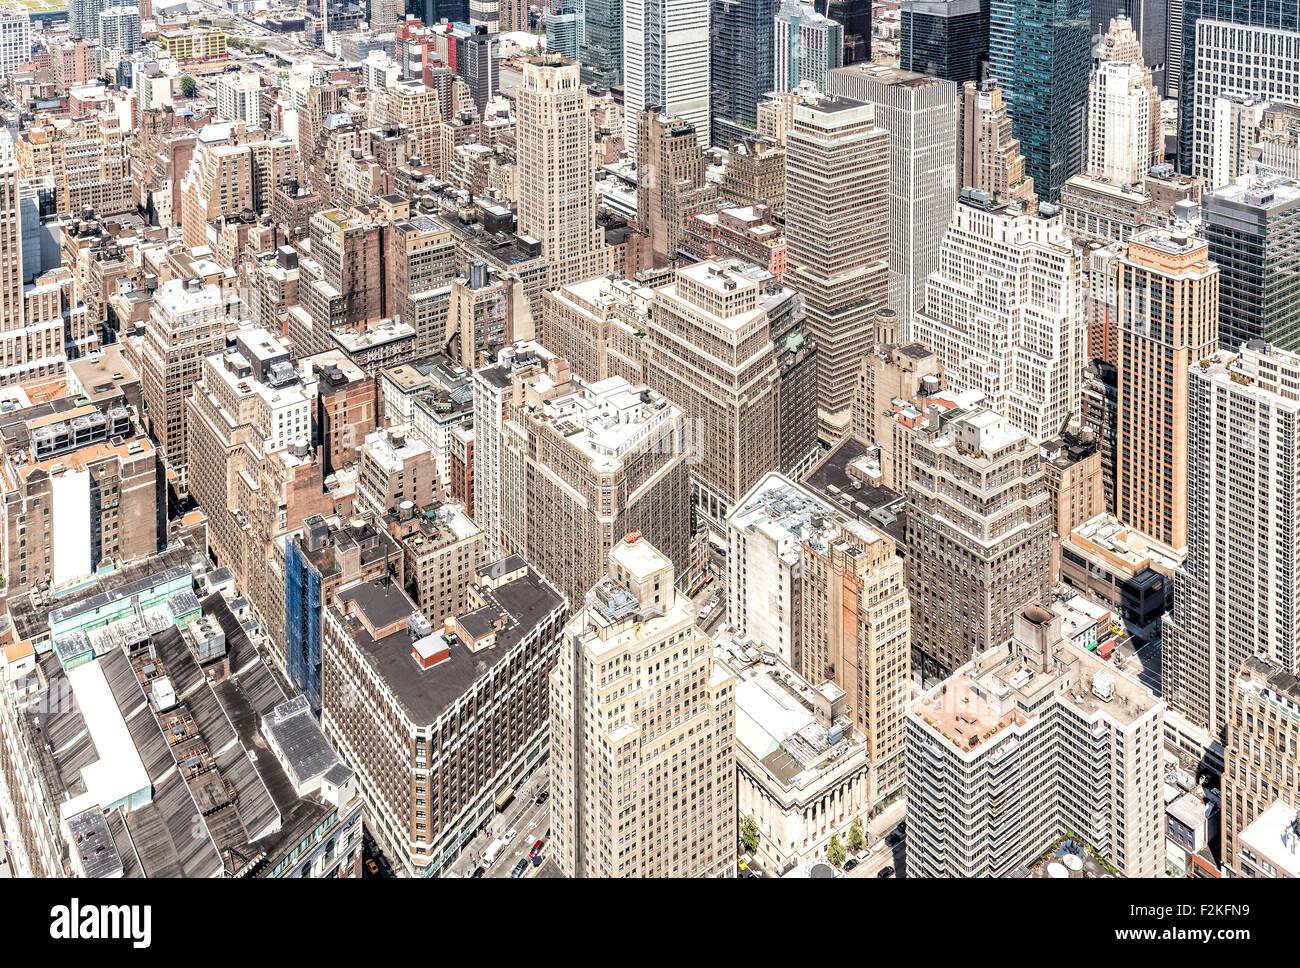 Vista aérea del centro de Manhattan, Nueva York, EE.UU.. Imagen De Stock